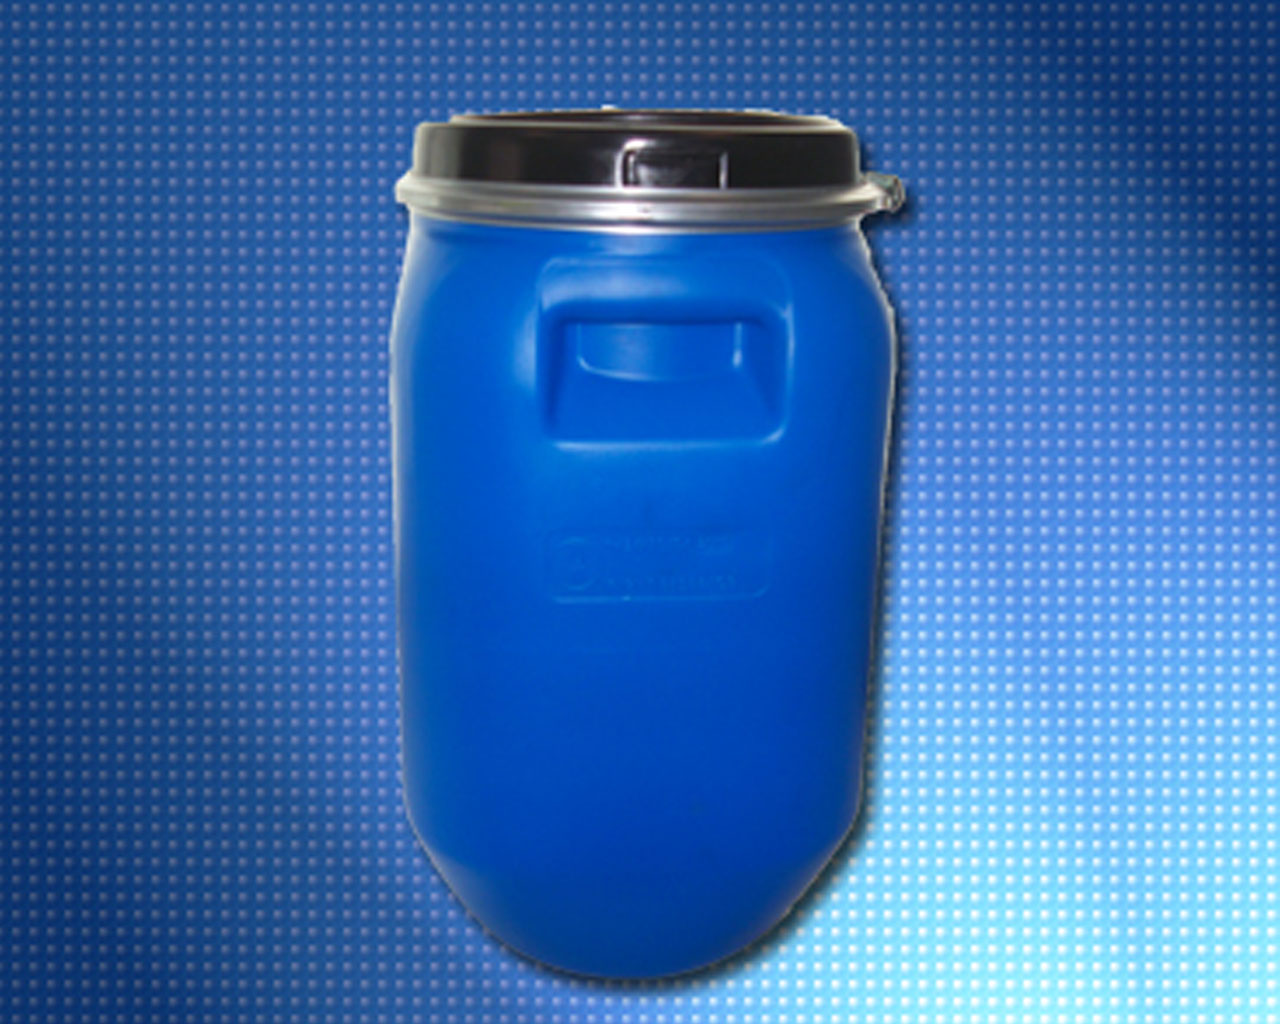 Bidon ballesta 30 litros transportes de paneles de madera for Bidon 30 litros cierre ballesta